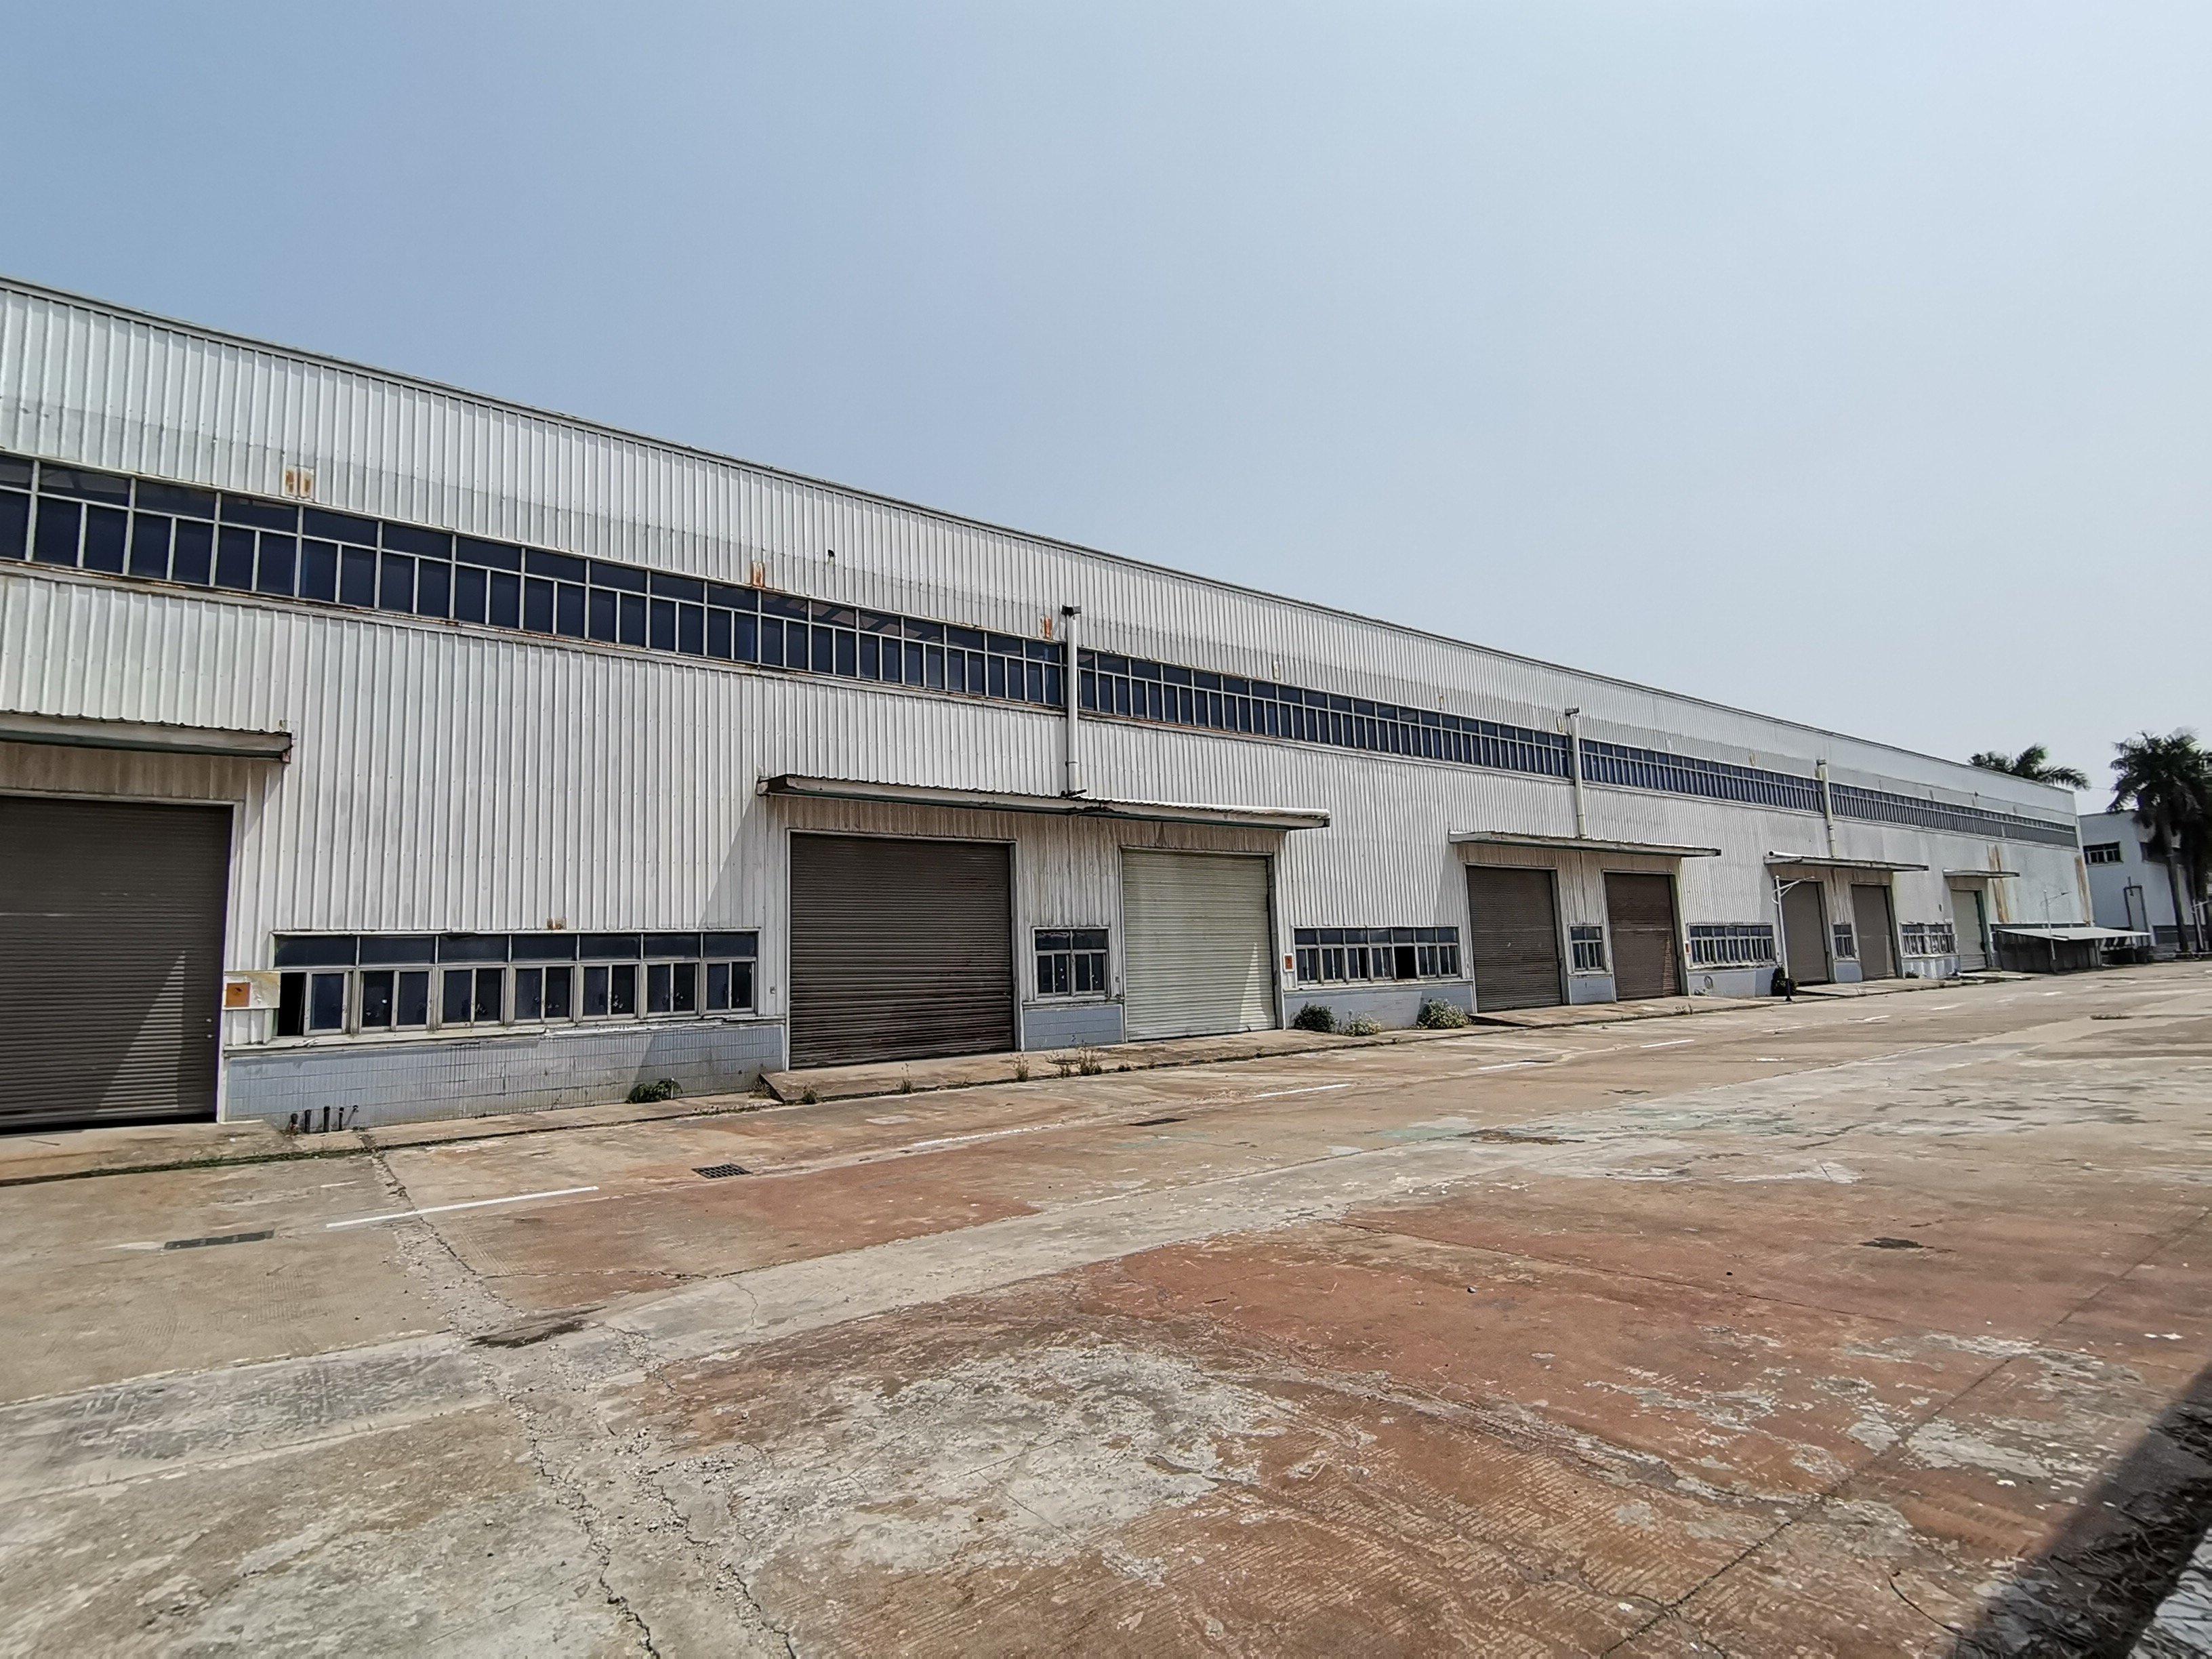 深圳市坪山区聚龙山超大型钢结构厂房仓库出租,高度8米,